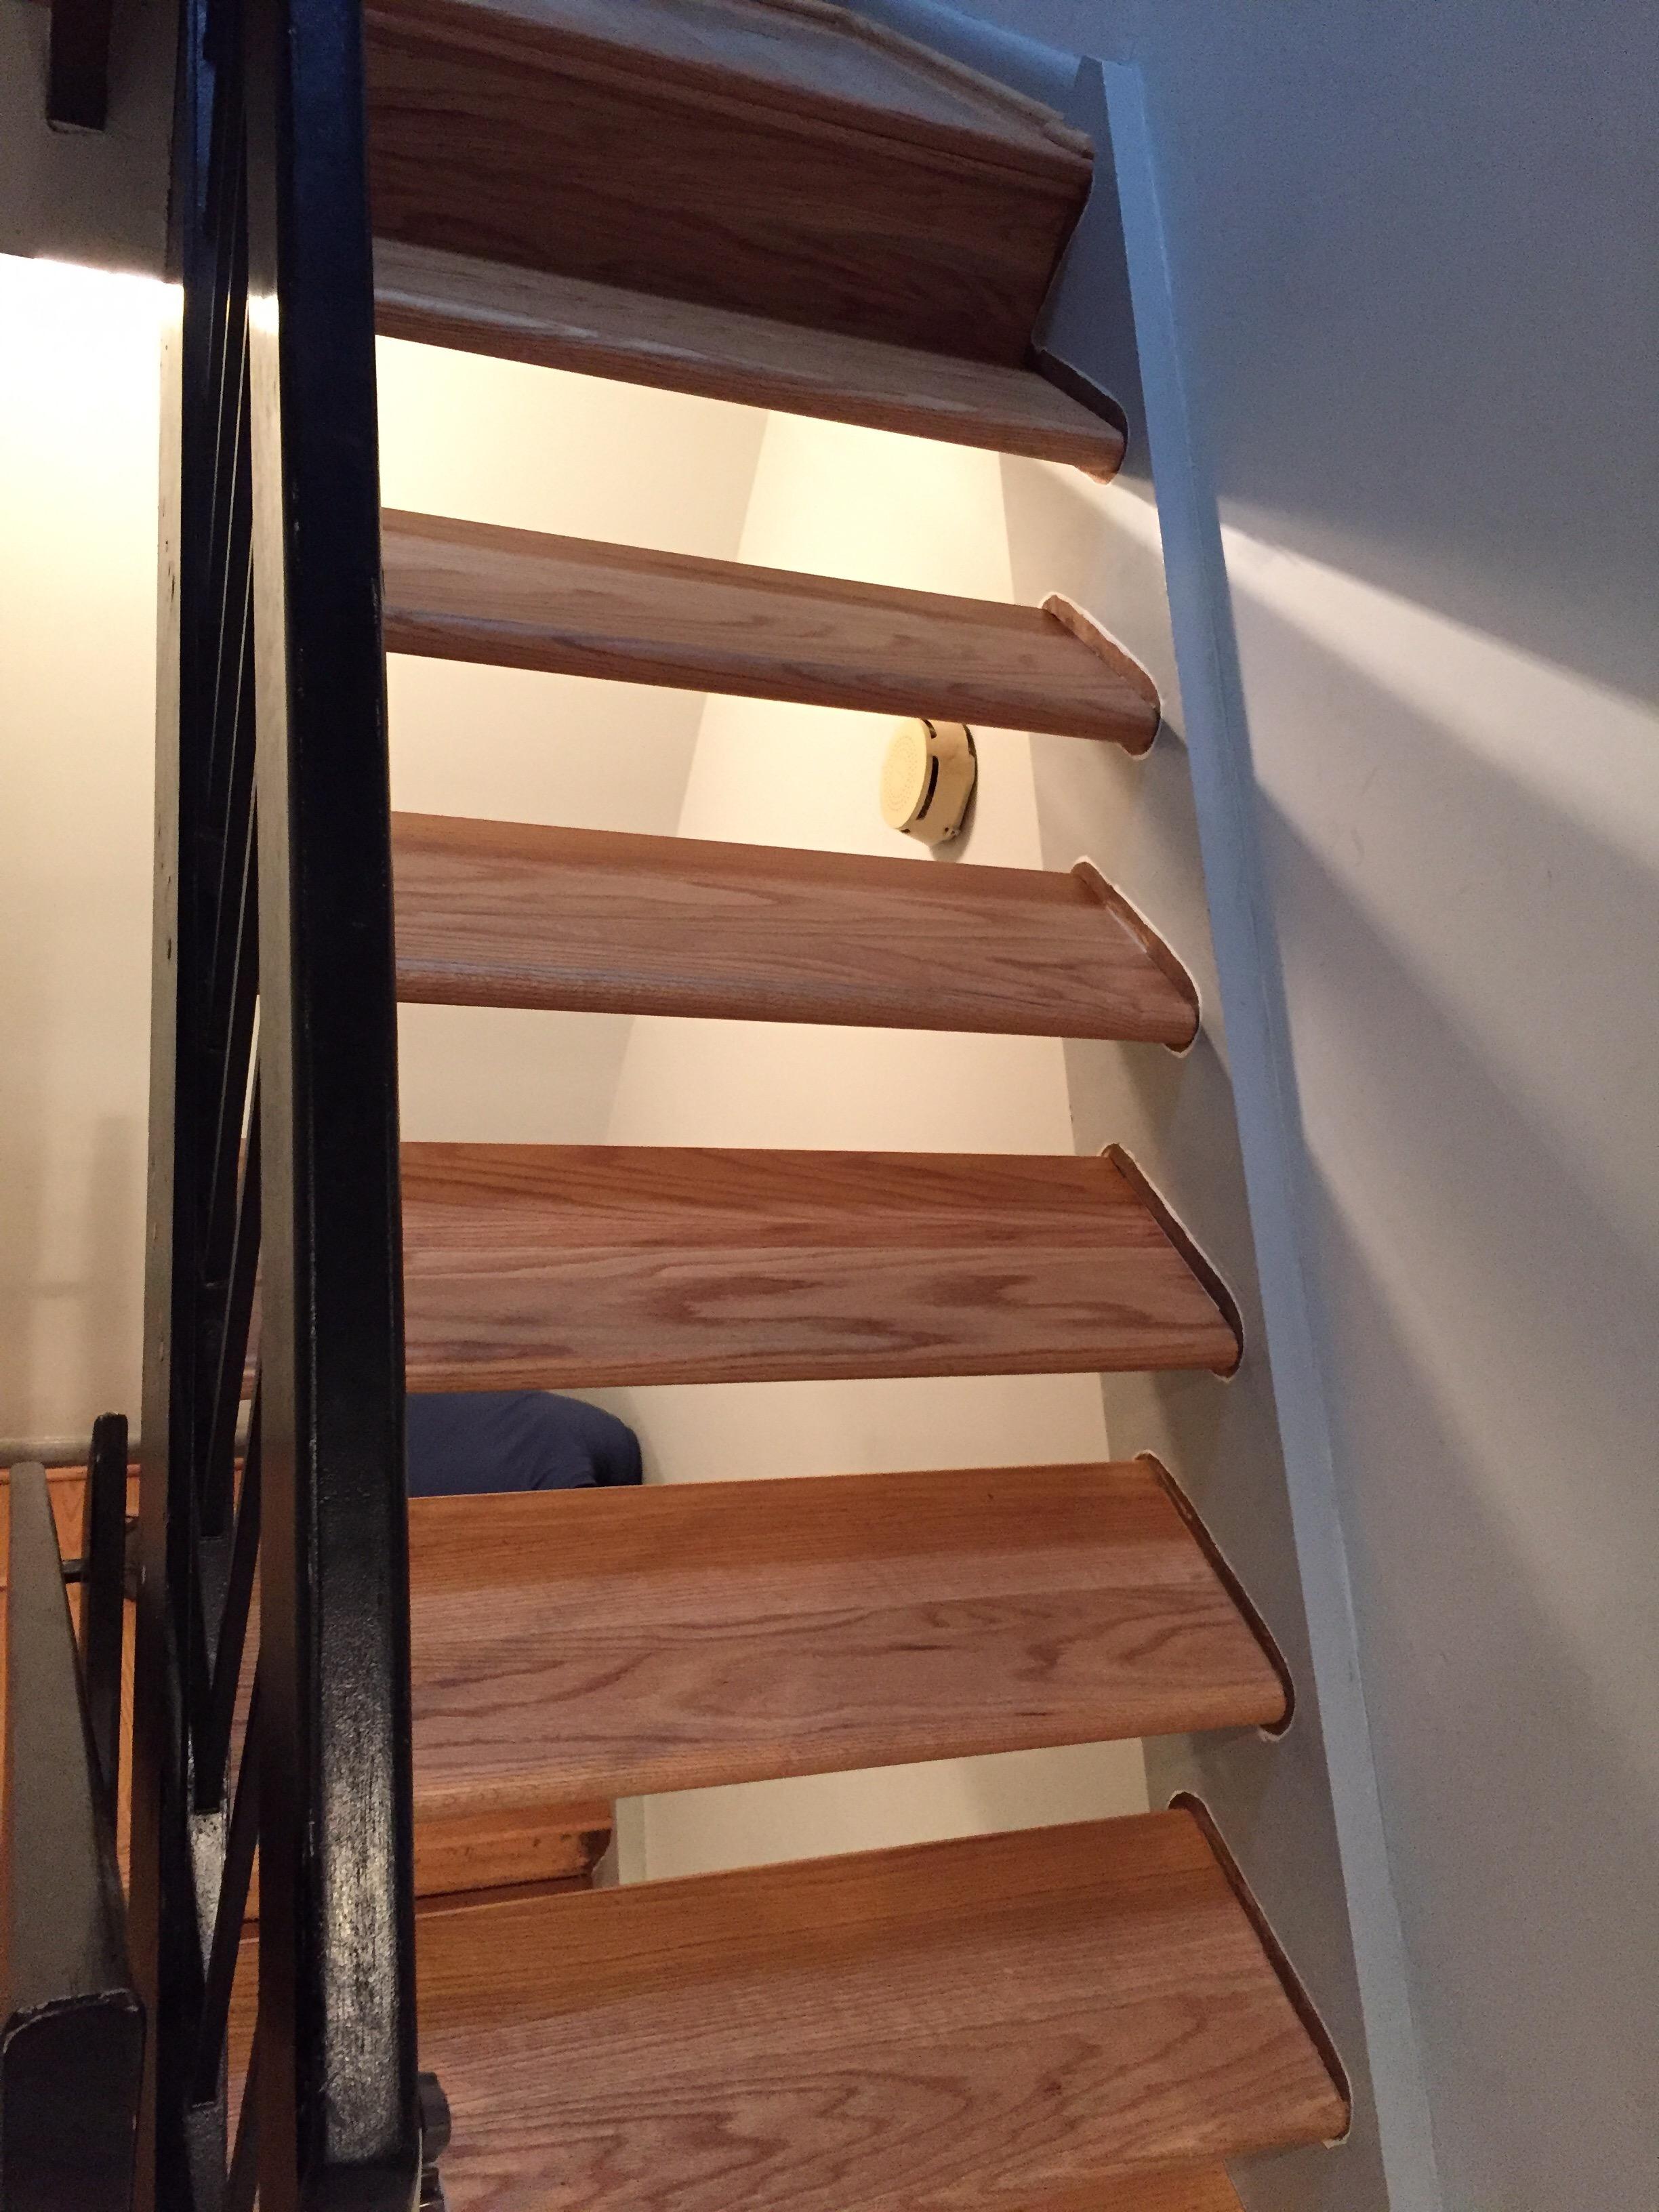 1 - Custom Oak Floating Stairs.jpg